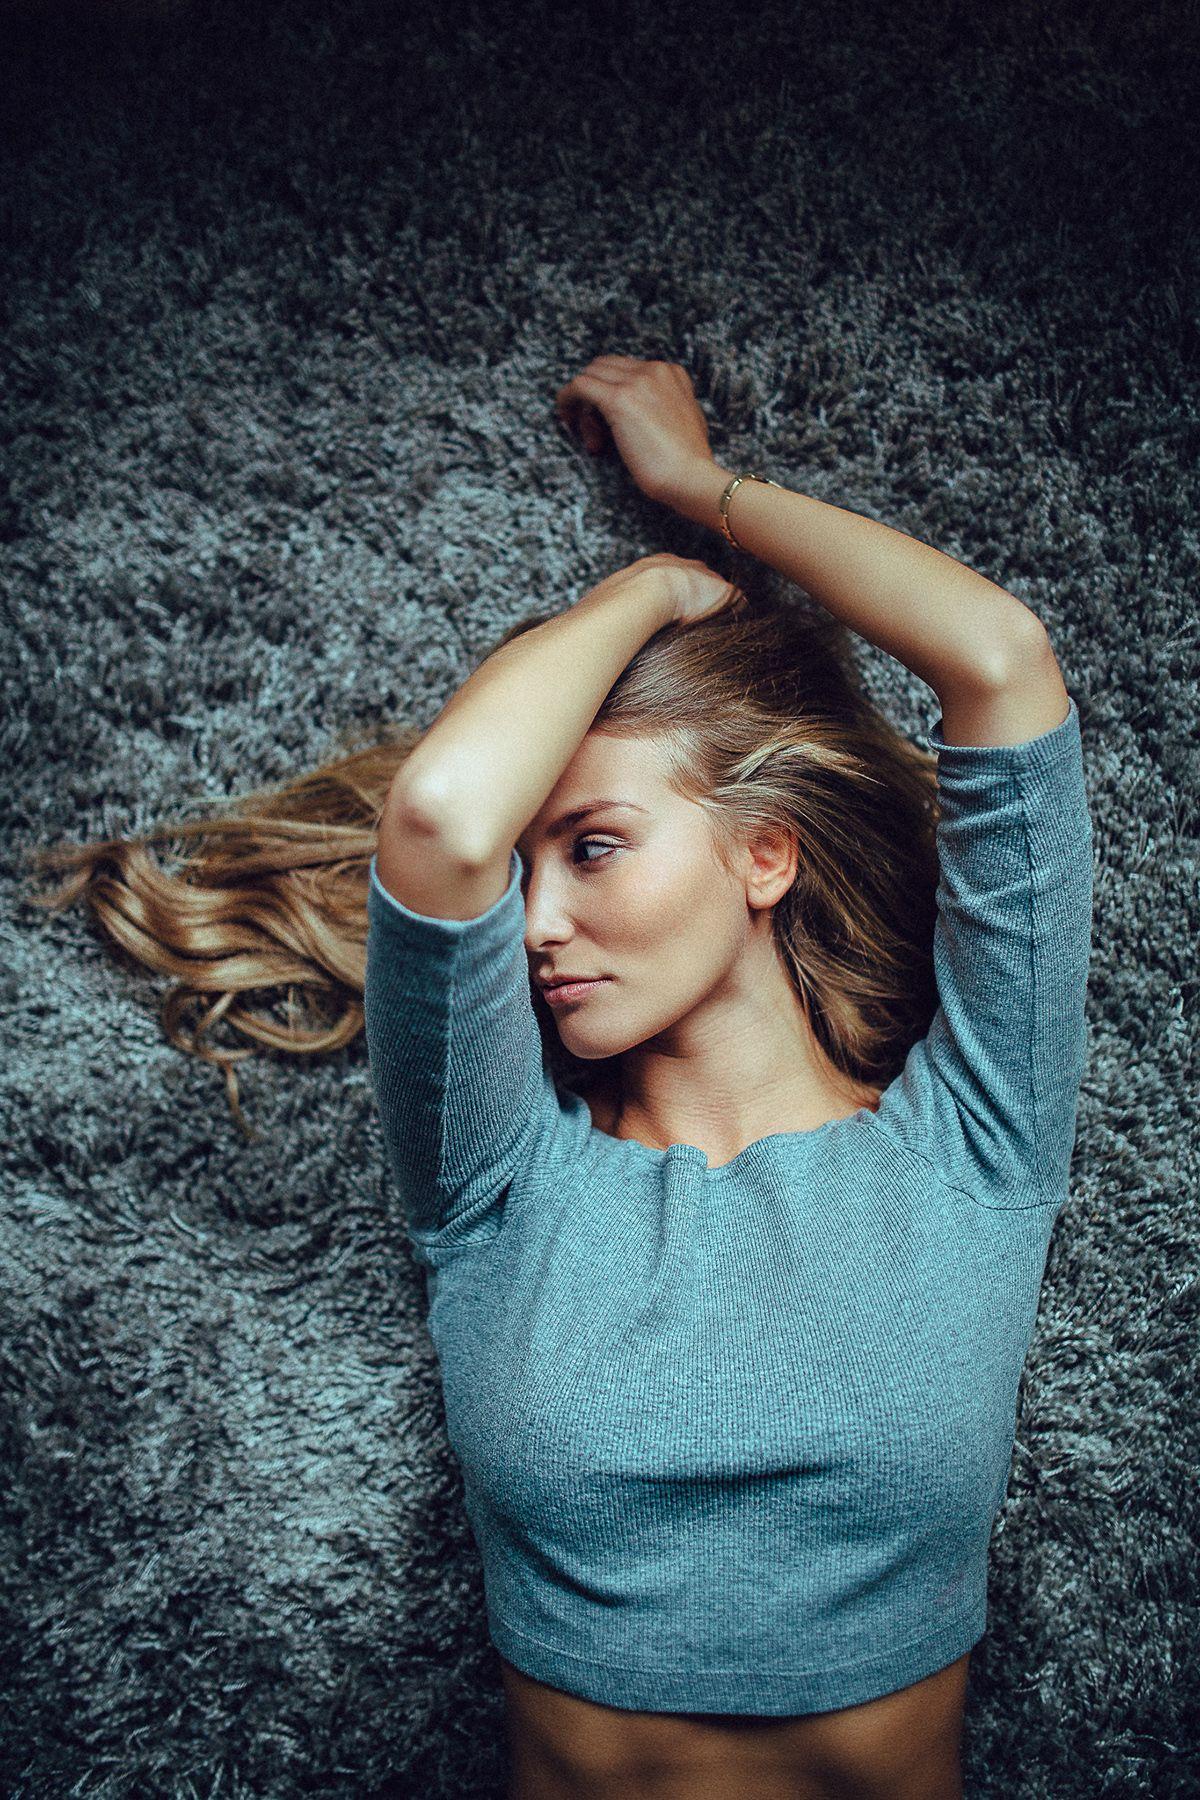 как сделать красивое фото в домашних условиях имеющимся сведениям